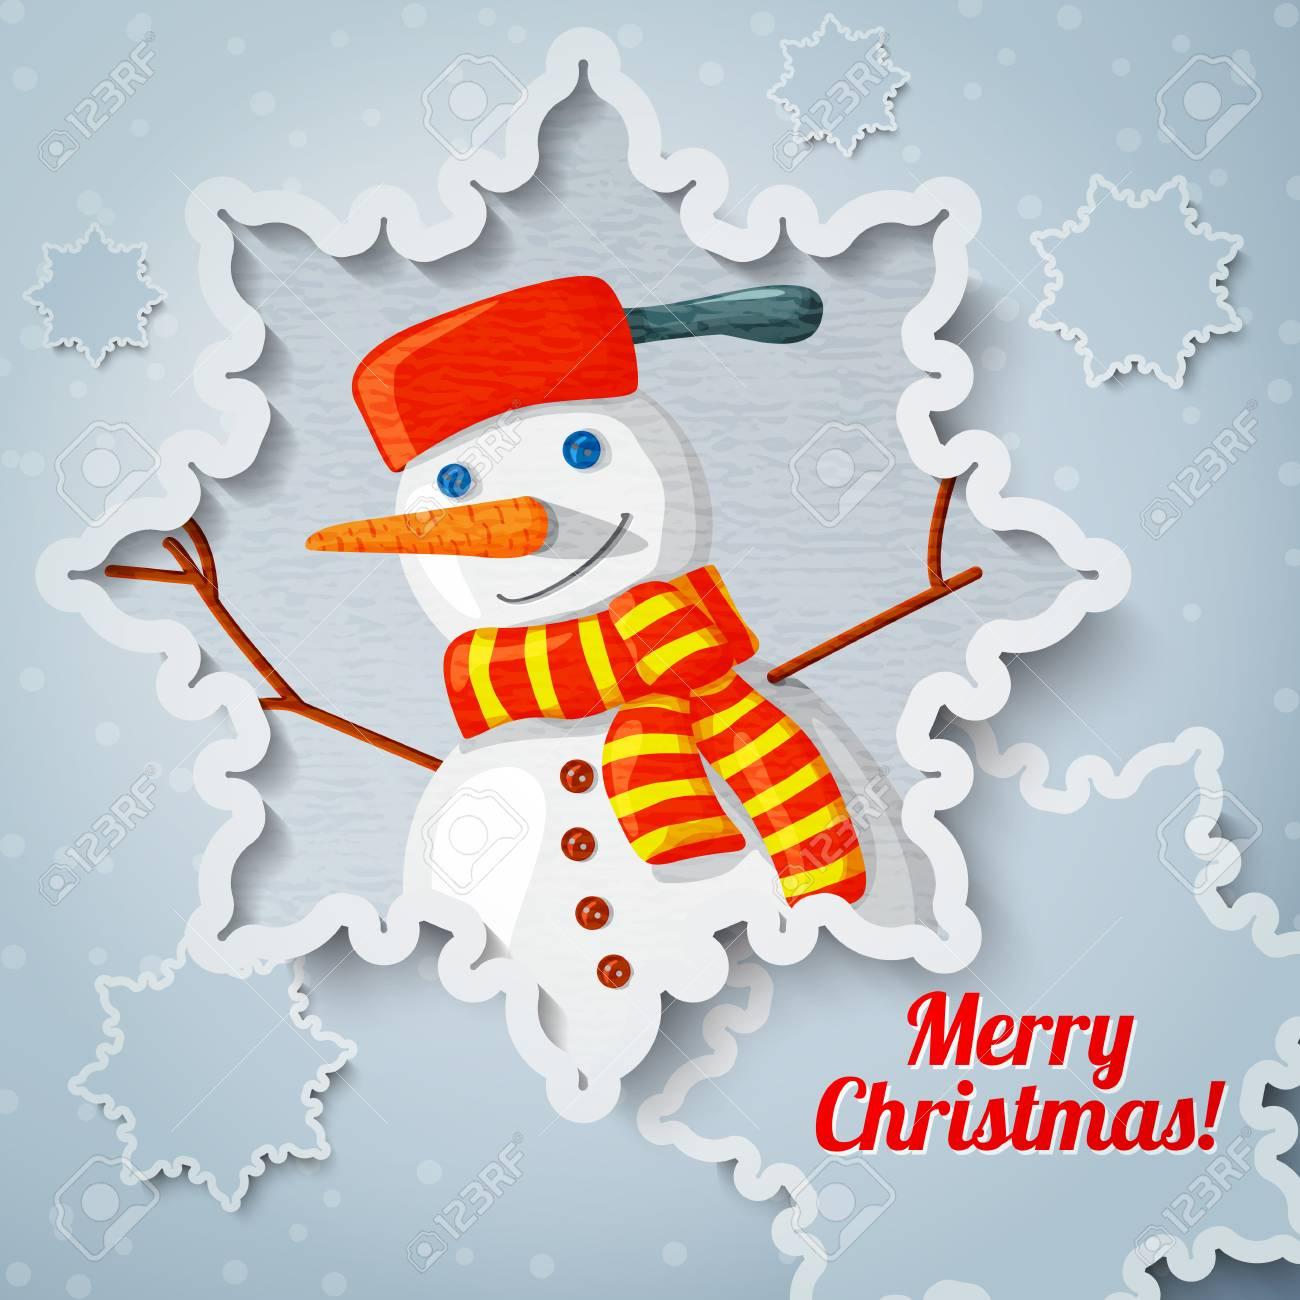 Joyeux Noël Et Une Nouvelle Carte De Voeux D'année Avec Du Papier Découpé  Flocon De Neige, Et L'image De La Nouvelle Année Bonhomme De Neige Avec Un concernant Bonhomme De Neige À Découper